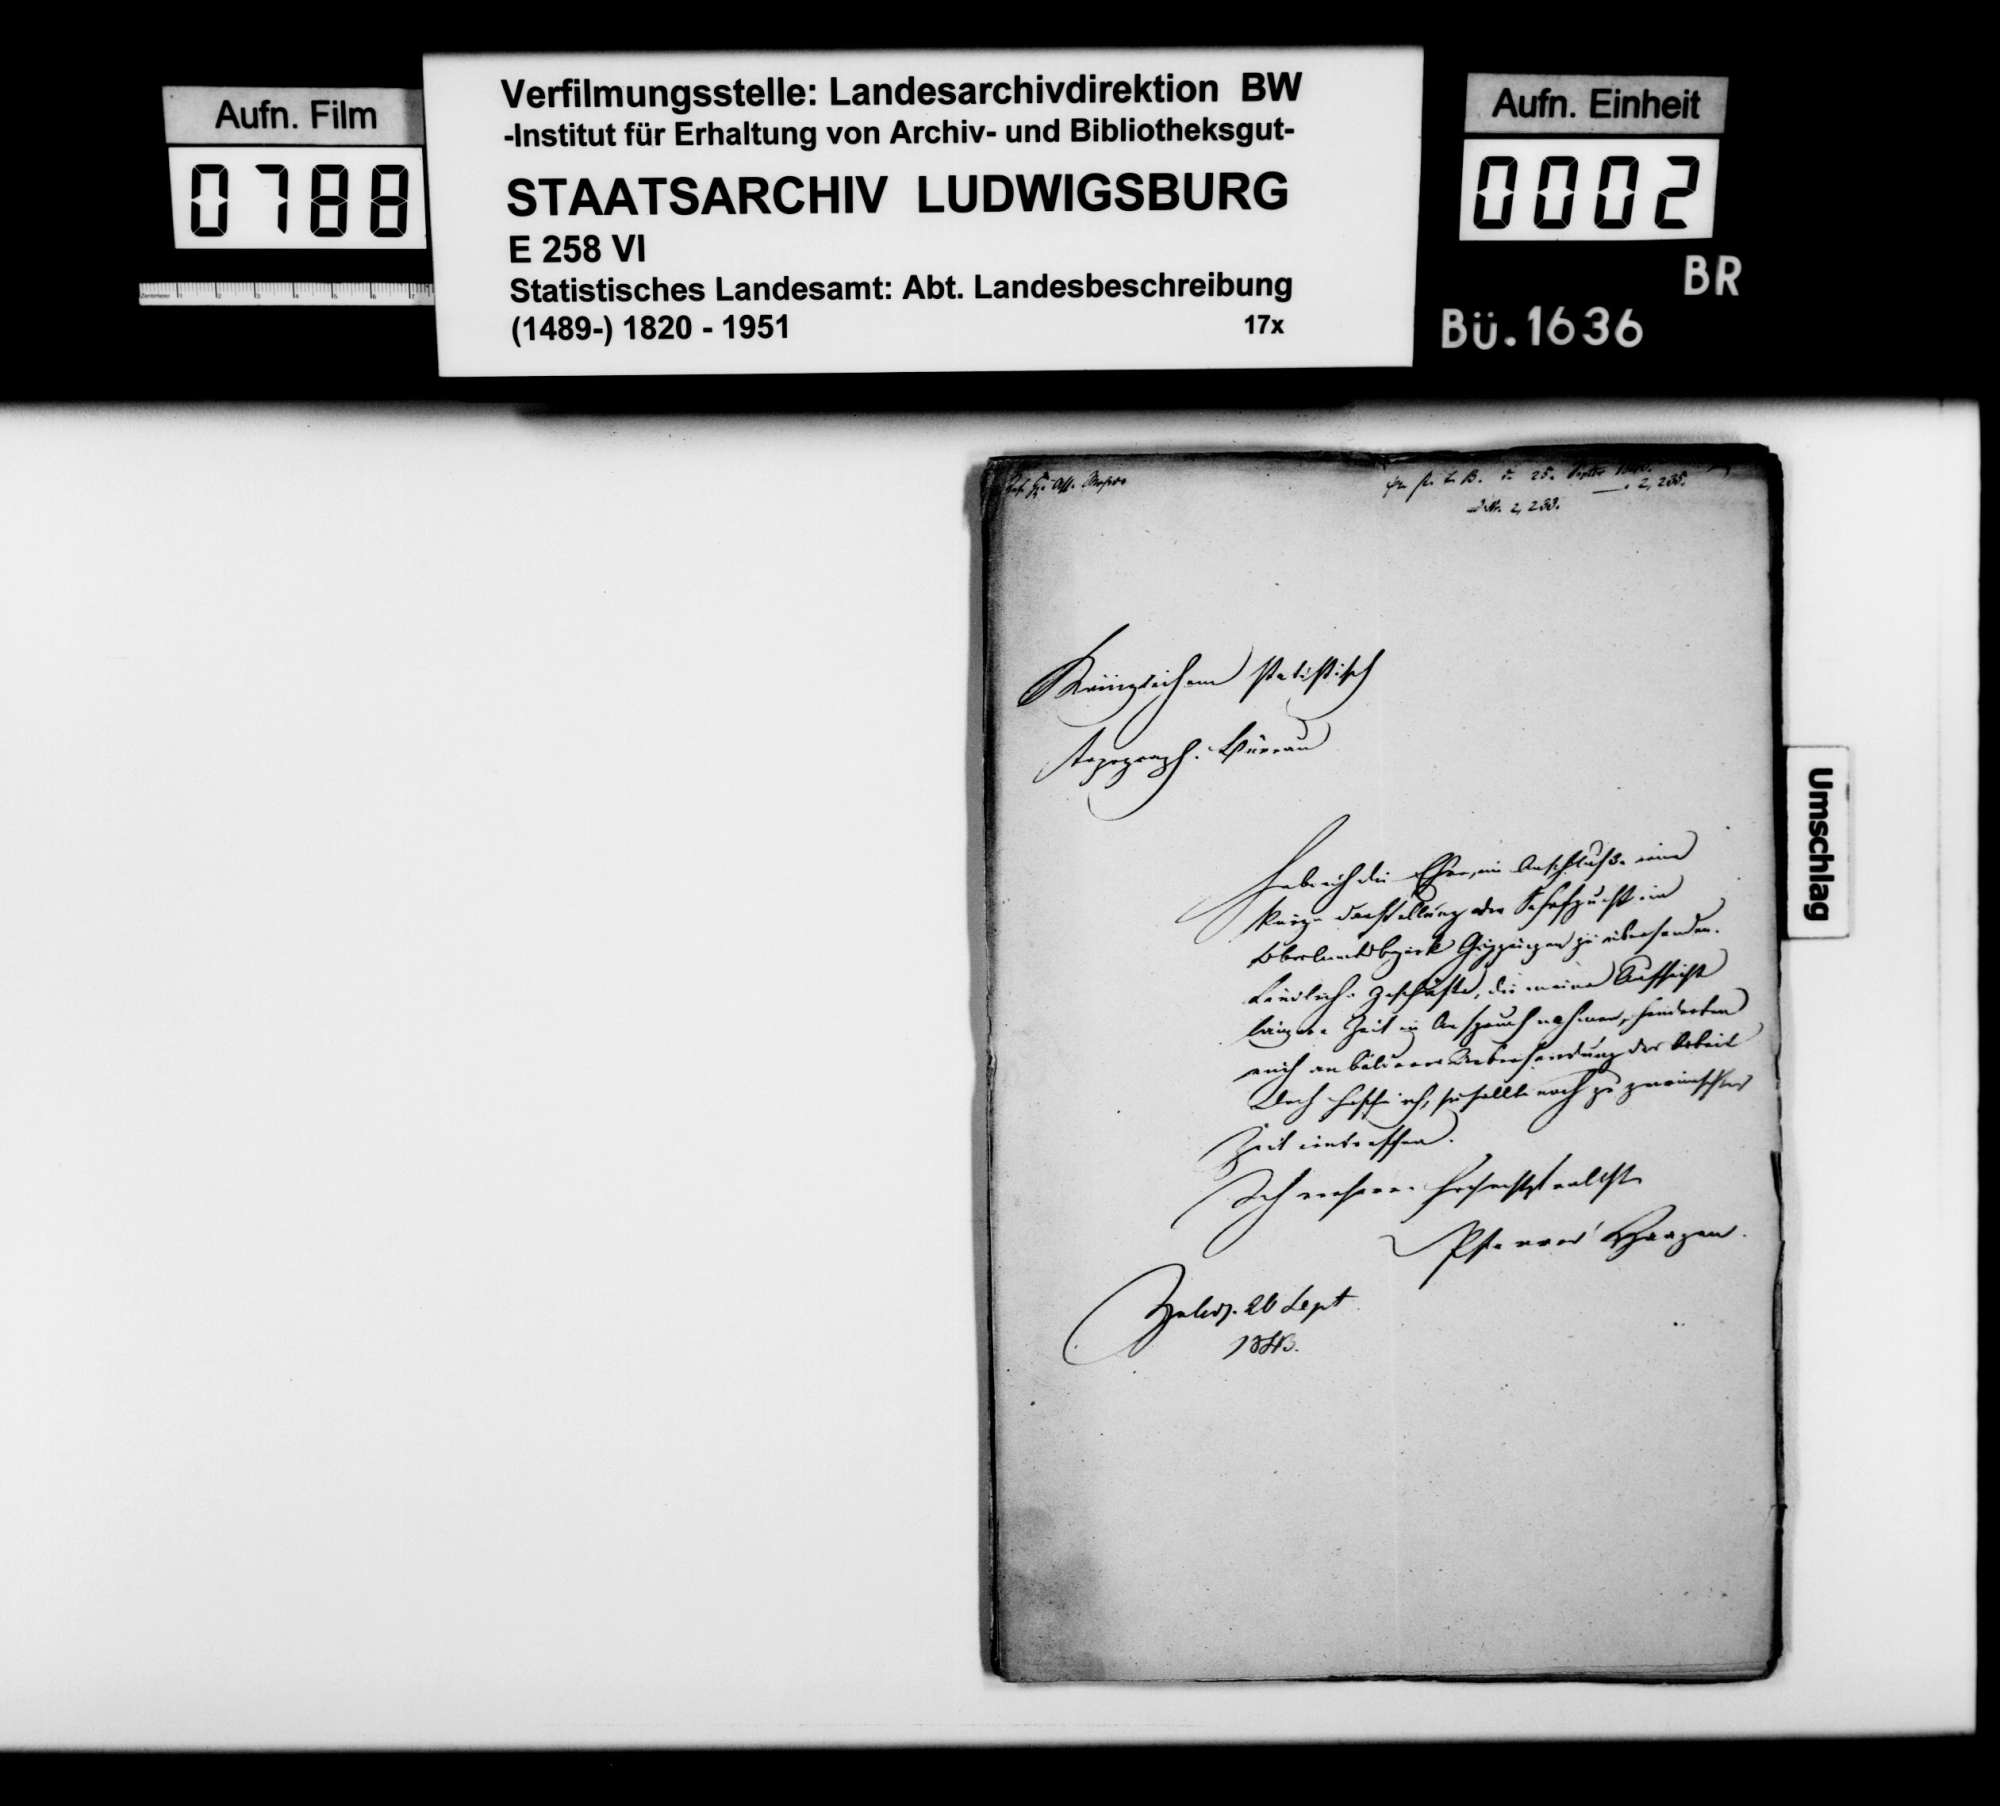 Abhandlungen des Pfarrers Haagen aus Zell [unter Aichelberg] über die Pferde-, Rinder- und Schafzucht im Oberamt, Bild 1